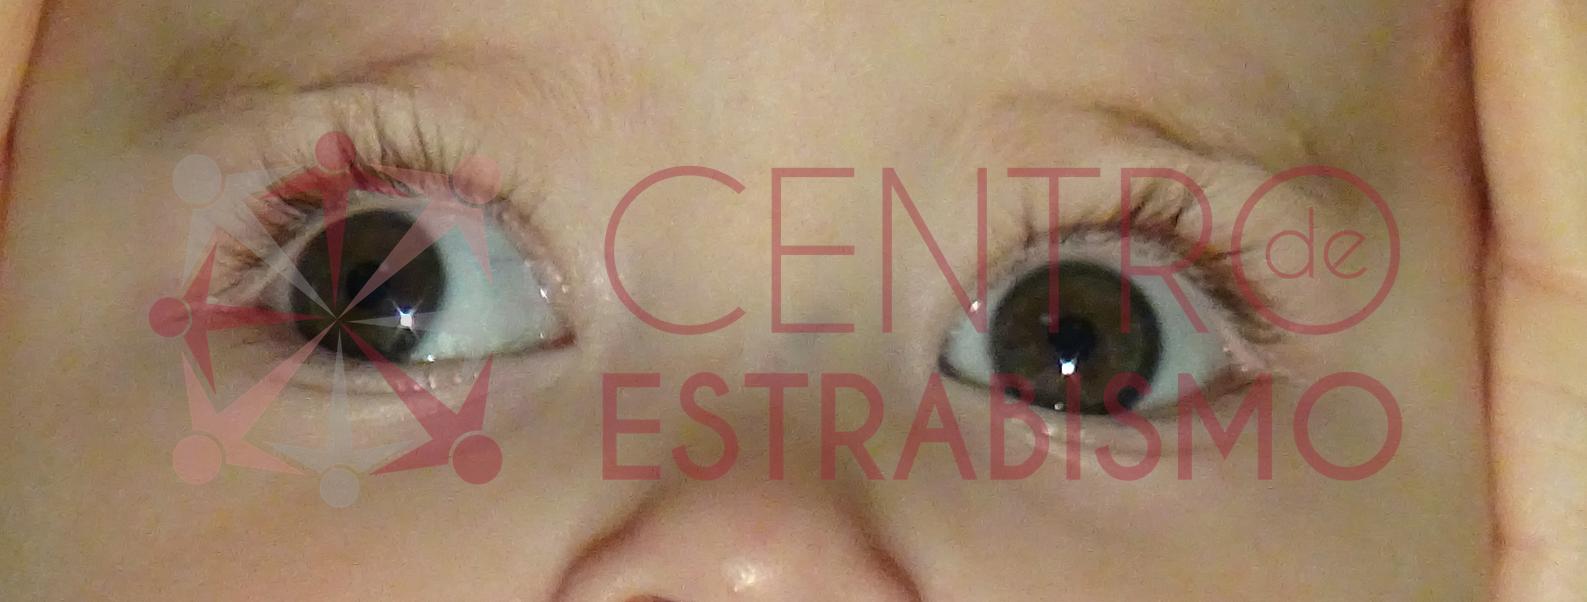 Bebe de 3 meses que desvía su ojo derecho hacia afuera